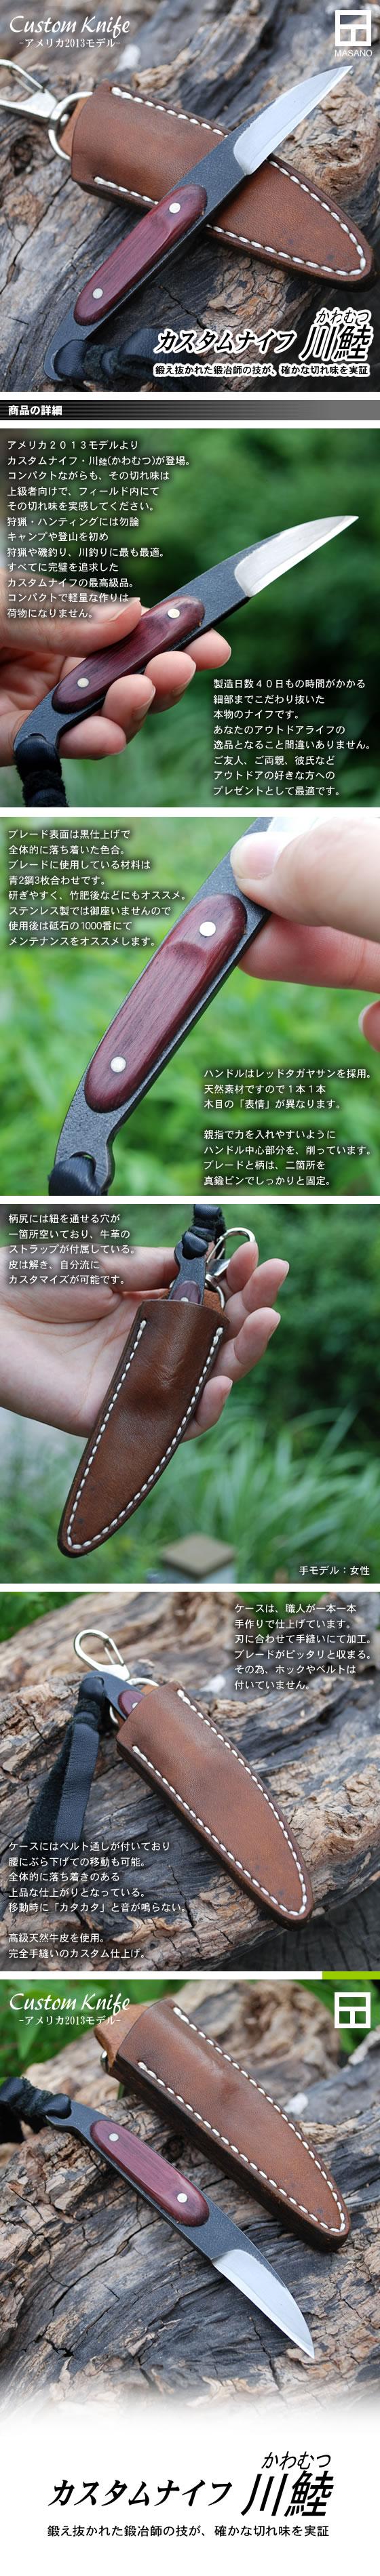 Custom Knife アメリカモデル2013 カスタムナイフ・カワムツ/通販 販売 鍛冶屋トヨクニ